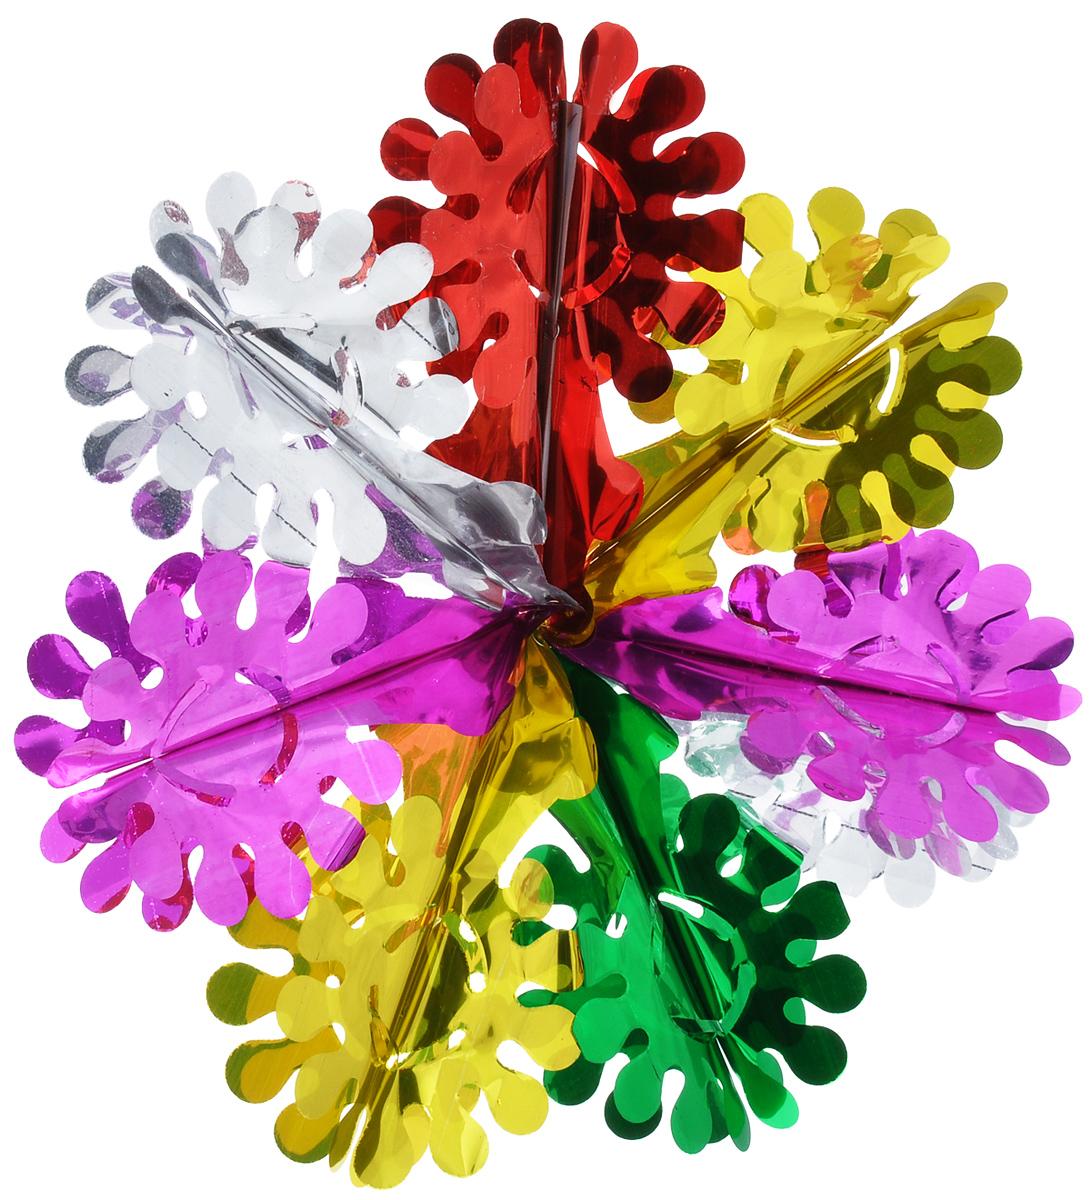 Гирлянда новогодняя Феникс-презент Ажурная снежинка, диаметр 39 см30987Новогодняя гирлянда Феникс-презент Ажурная снежинка прекрасно подойдет для декора дома или офиса. Украшение выполнено из ПЭТ (полиэтилентерефталата), легко складывается и раскладывается. Новогодние украшения несут в себе волшебство и красоту праздника. Они помогут вам украсить дом к предстоящим праздникам и оживить интерьер по вашему вкусу. Создайте в доме атмосферу тепла, веселья и радости, украшая его всей семьей.